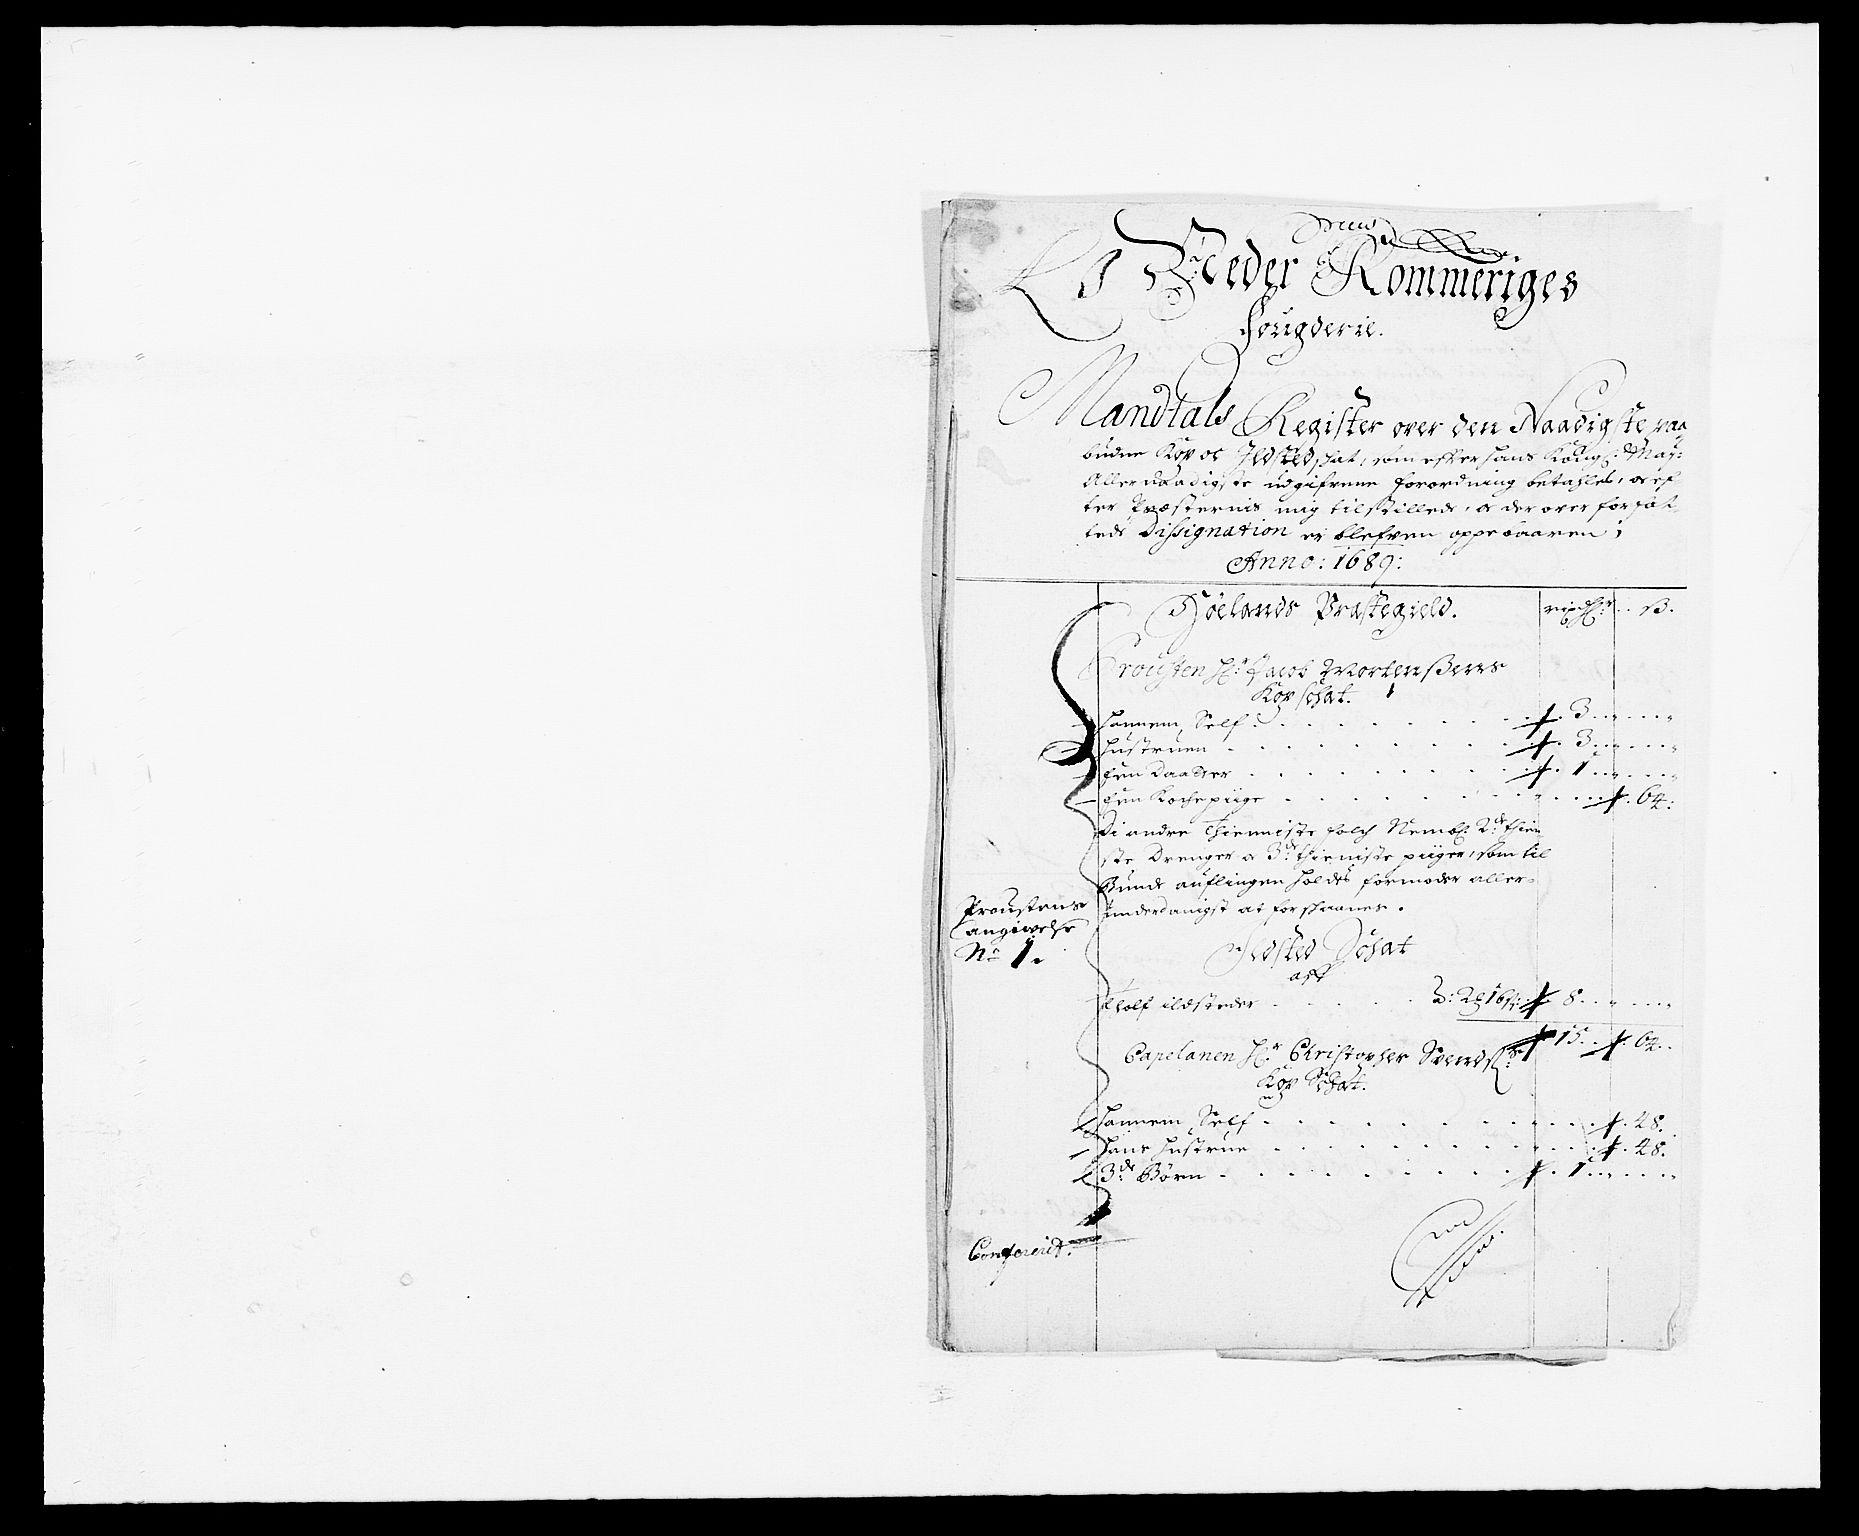 RA, Rentekammeret inntil 1814, Reviderte regnskaper, Fogderegnskap, R11/L0574: Fogderegnskap Nedre Romerike, 1689-1690, s. 158